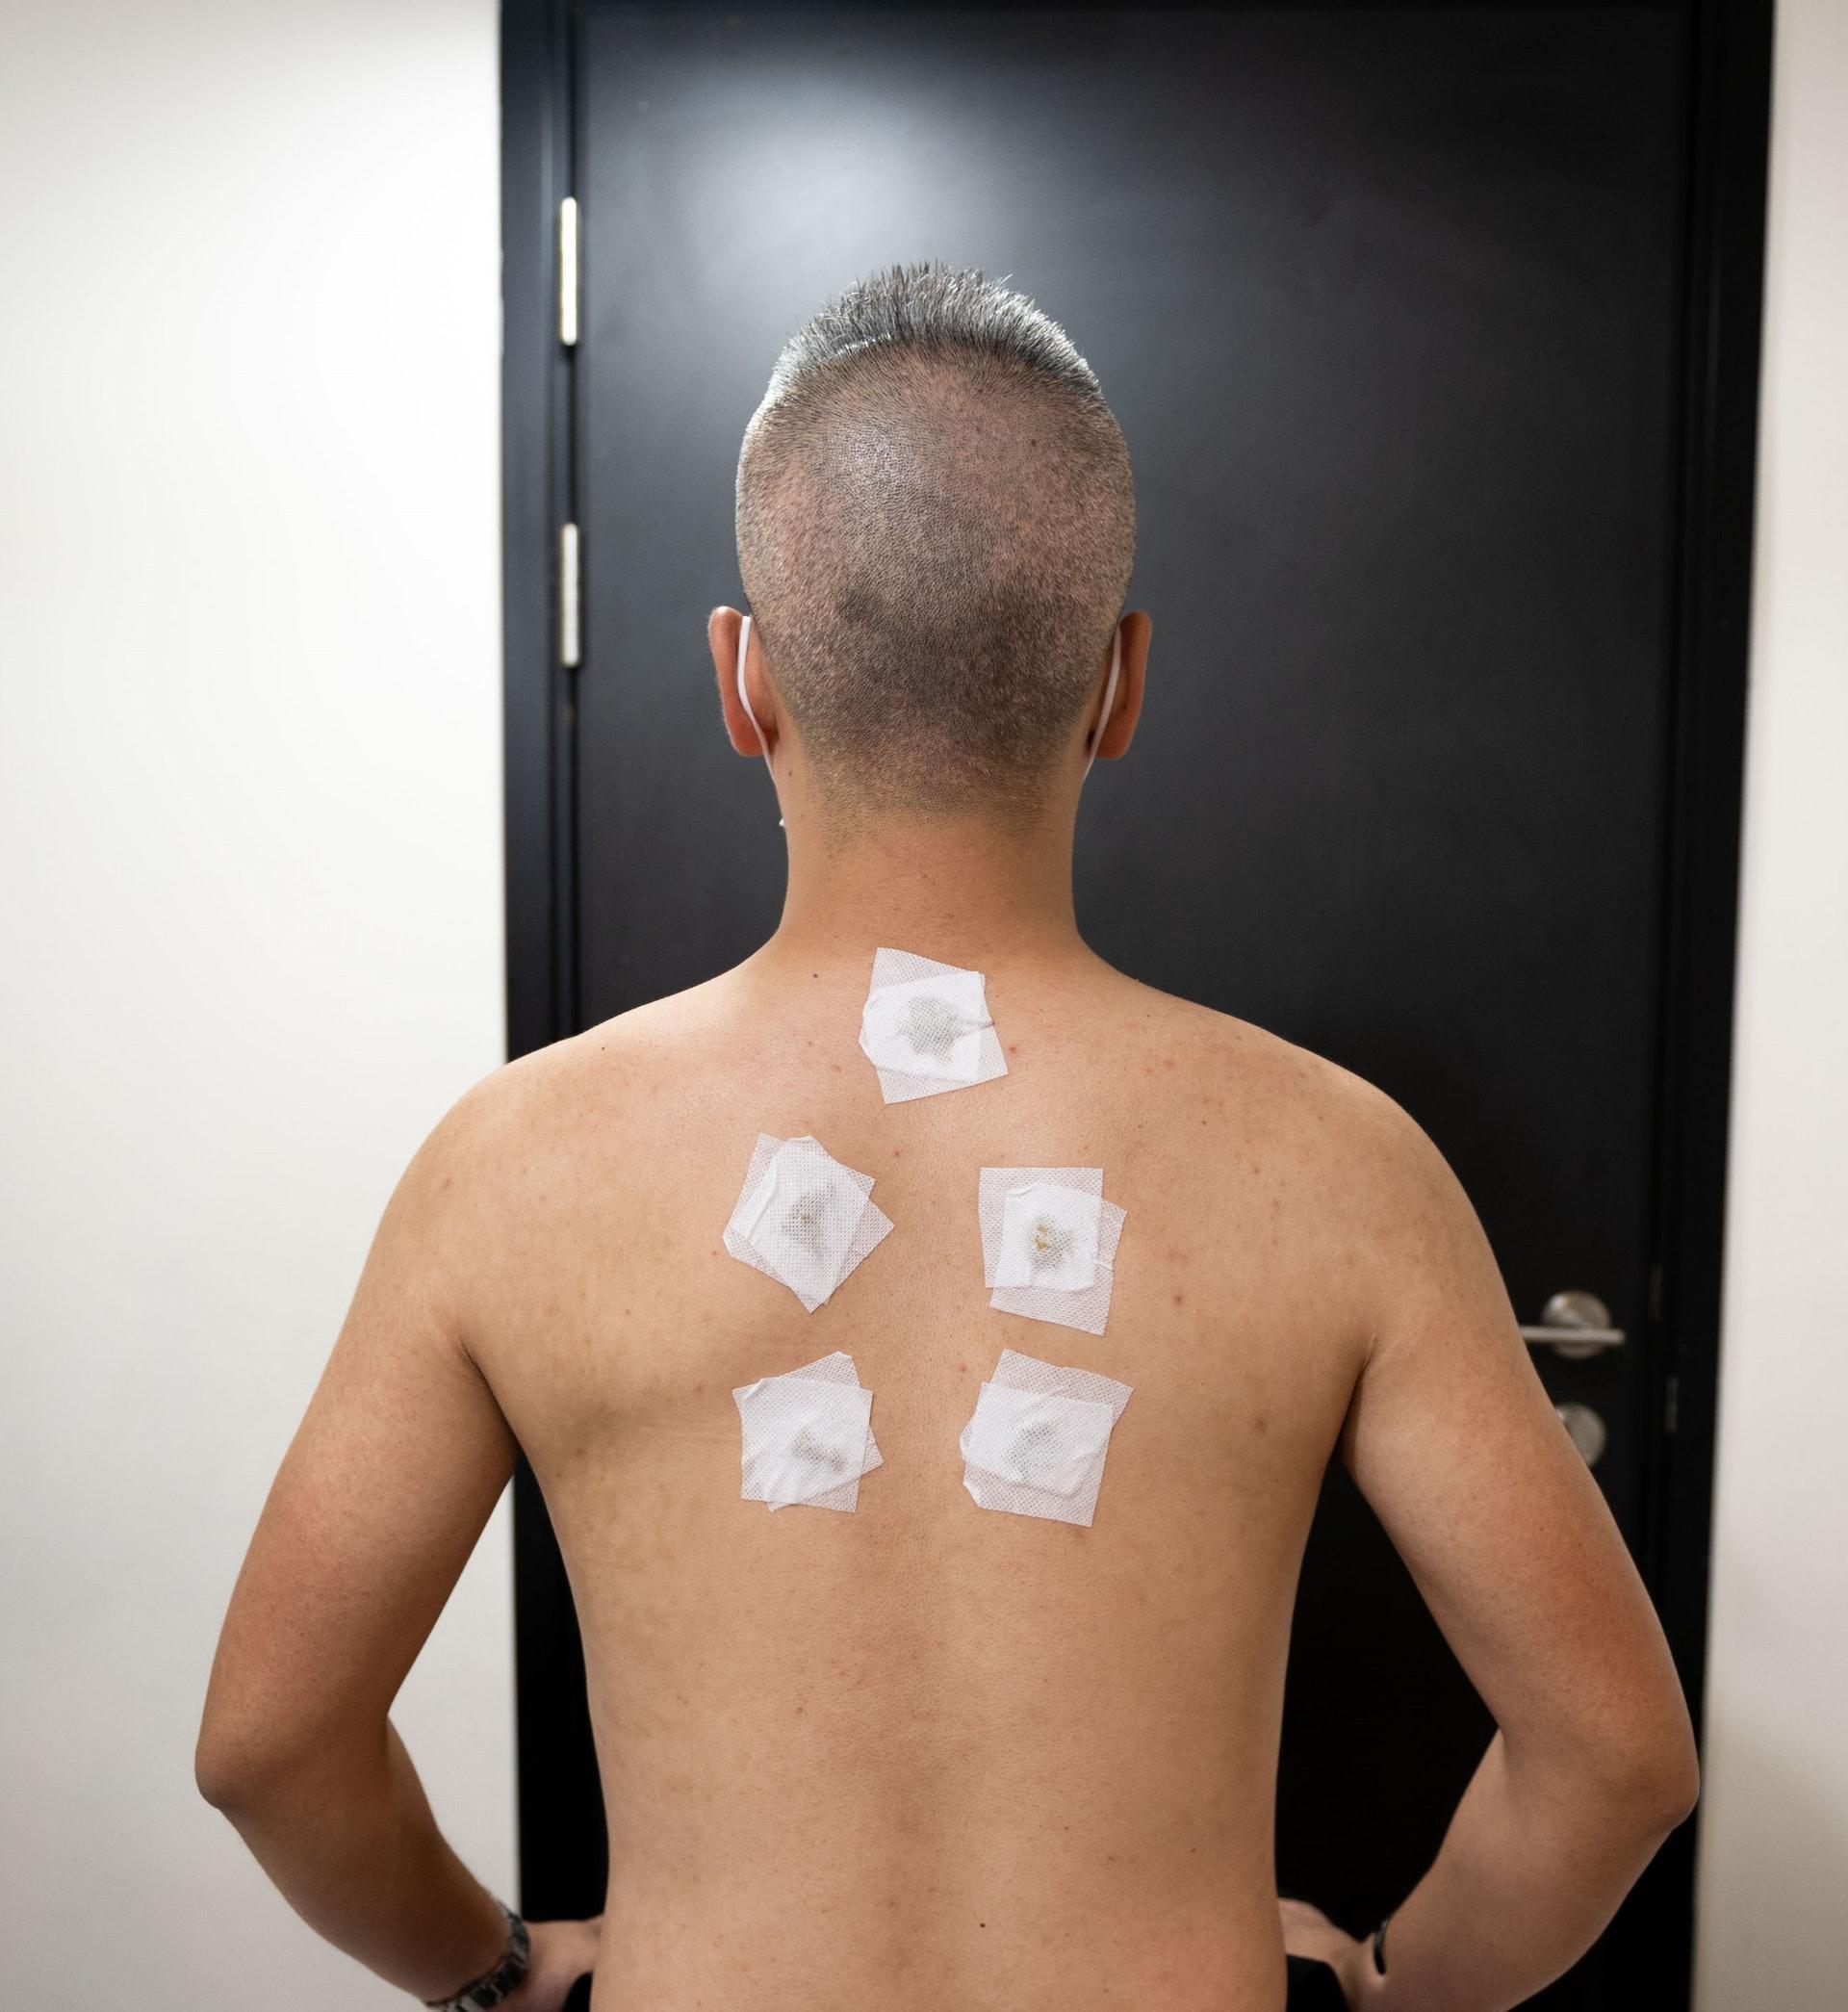 天灸療法是透過以溫熱的中藥製成的藥貼,敷在特定的穴位上,經穴位吸收藥性,從而扶助陽氣,達到陰陽平衡、祛寒治病以及增強抵抗力的目的。